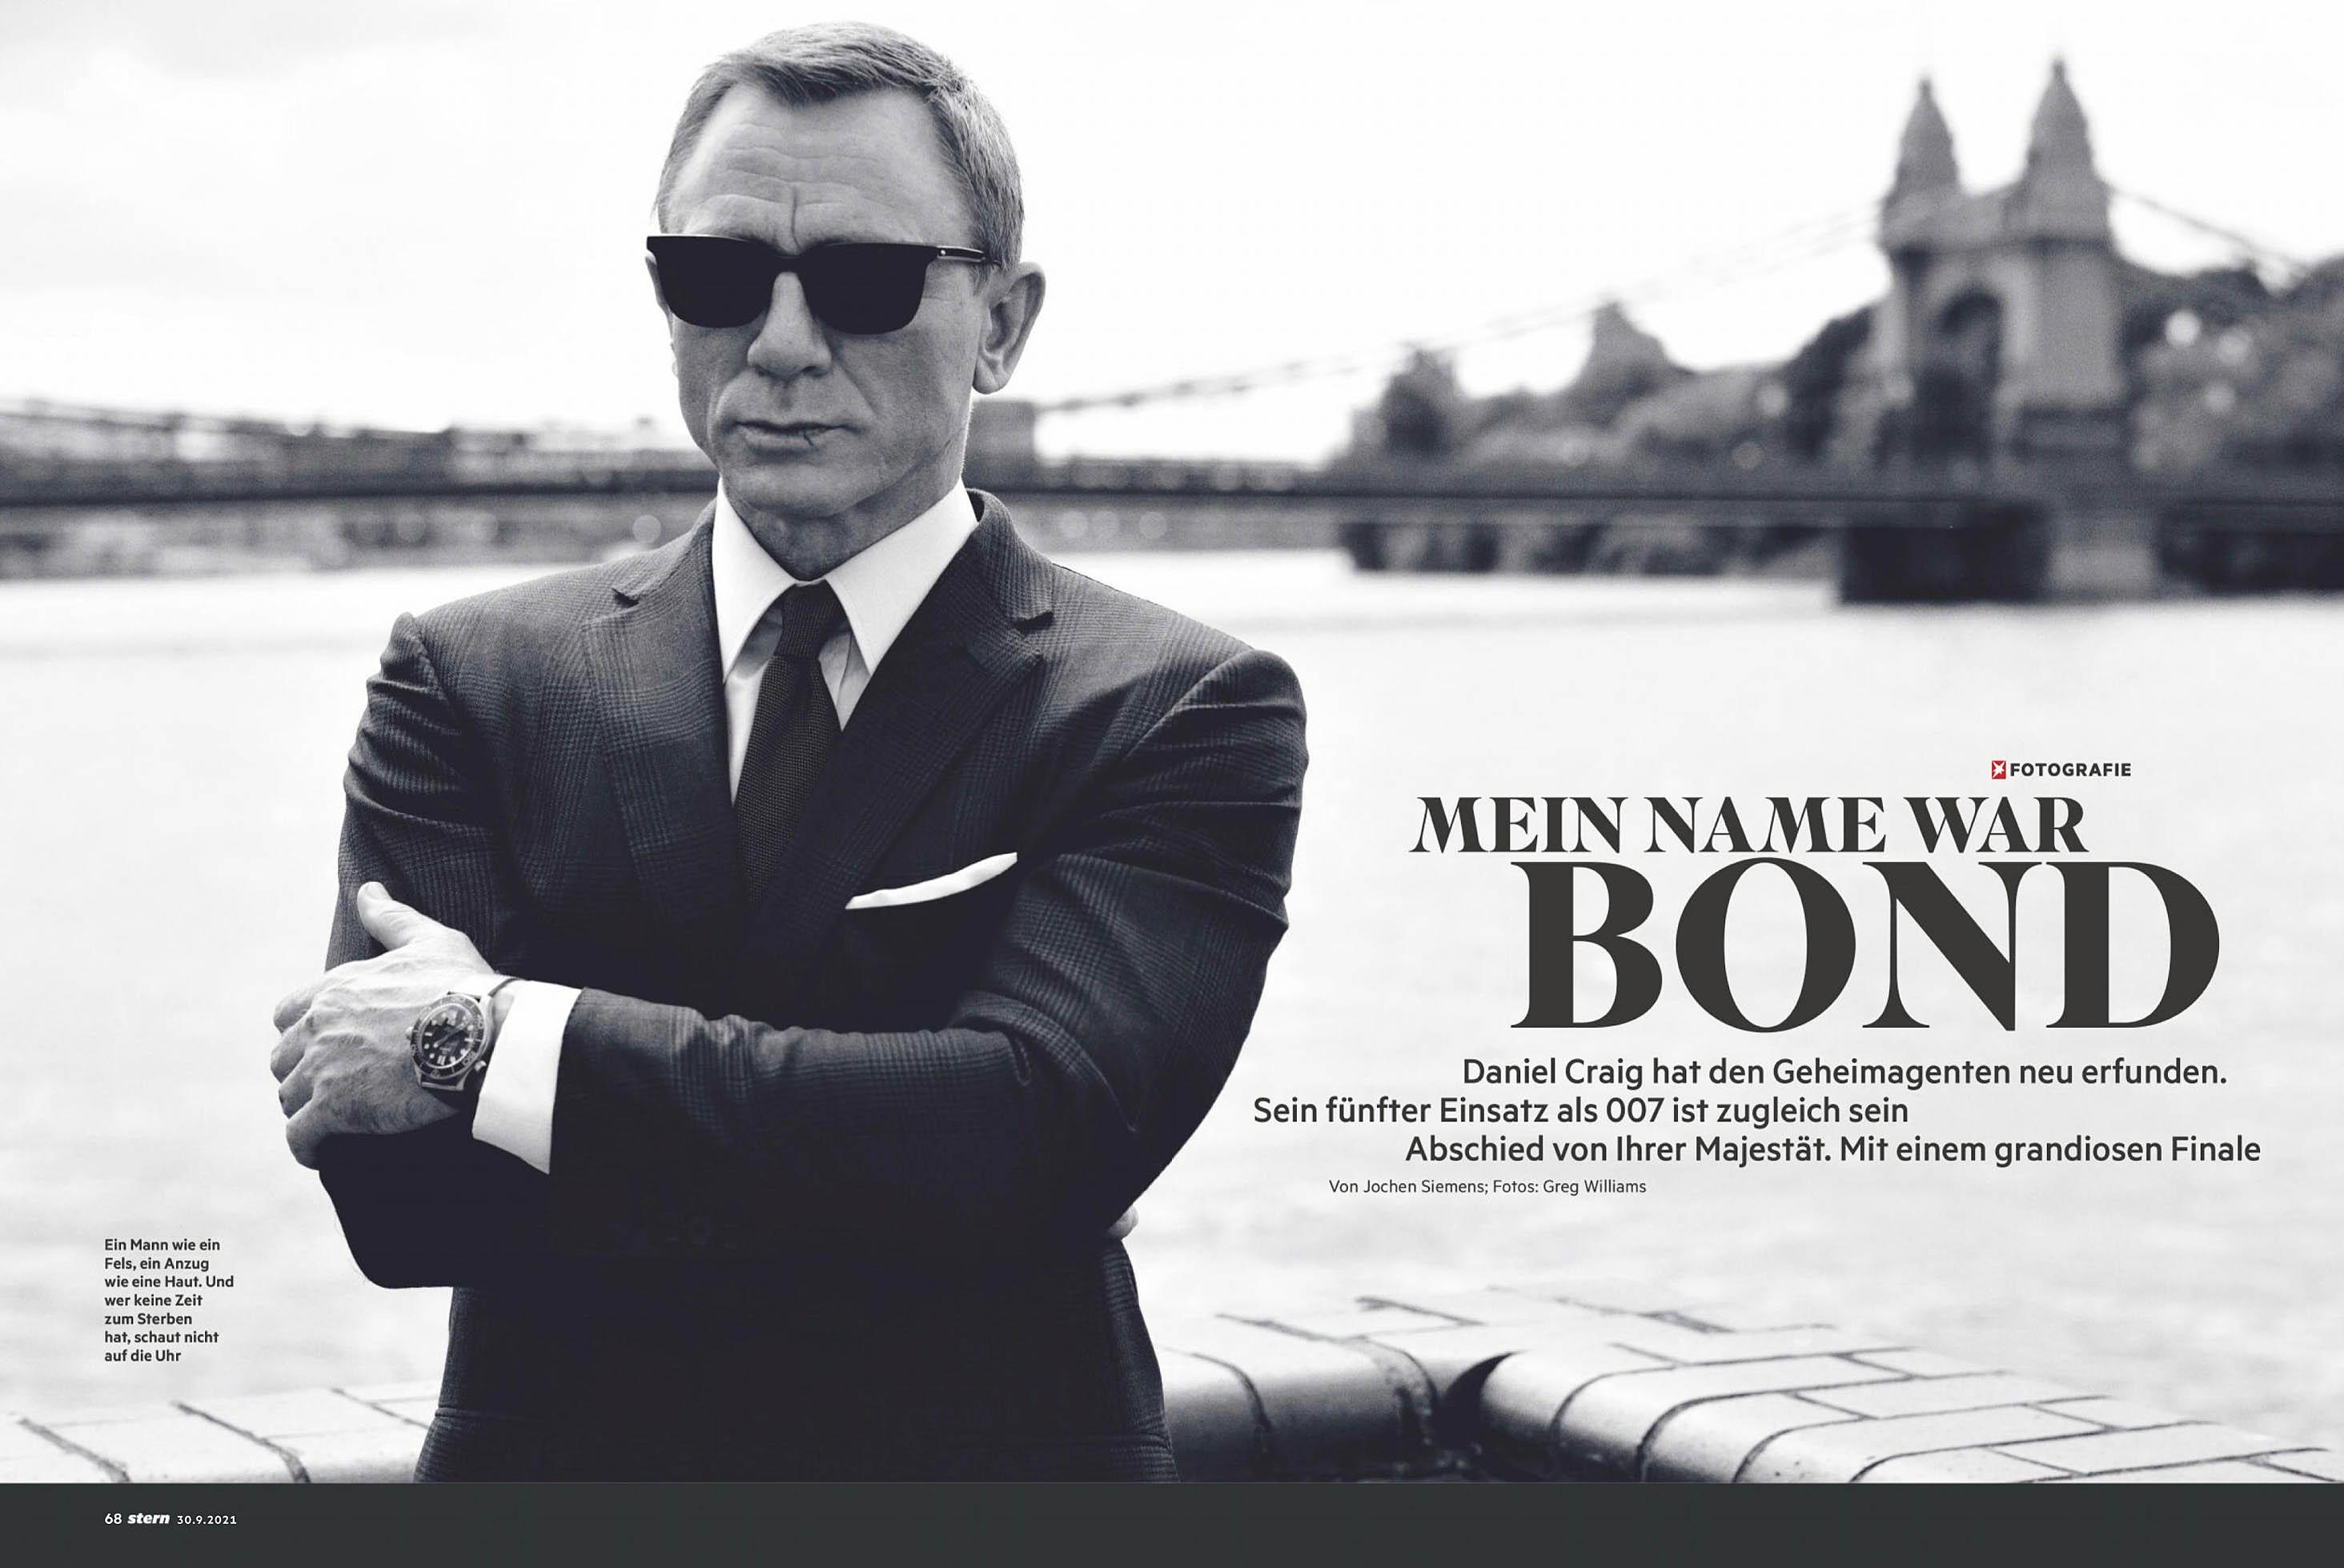 Stern 2021-09-30 Bond 01.jpg